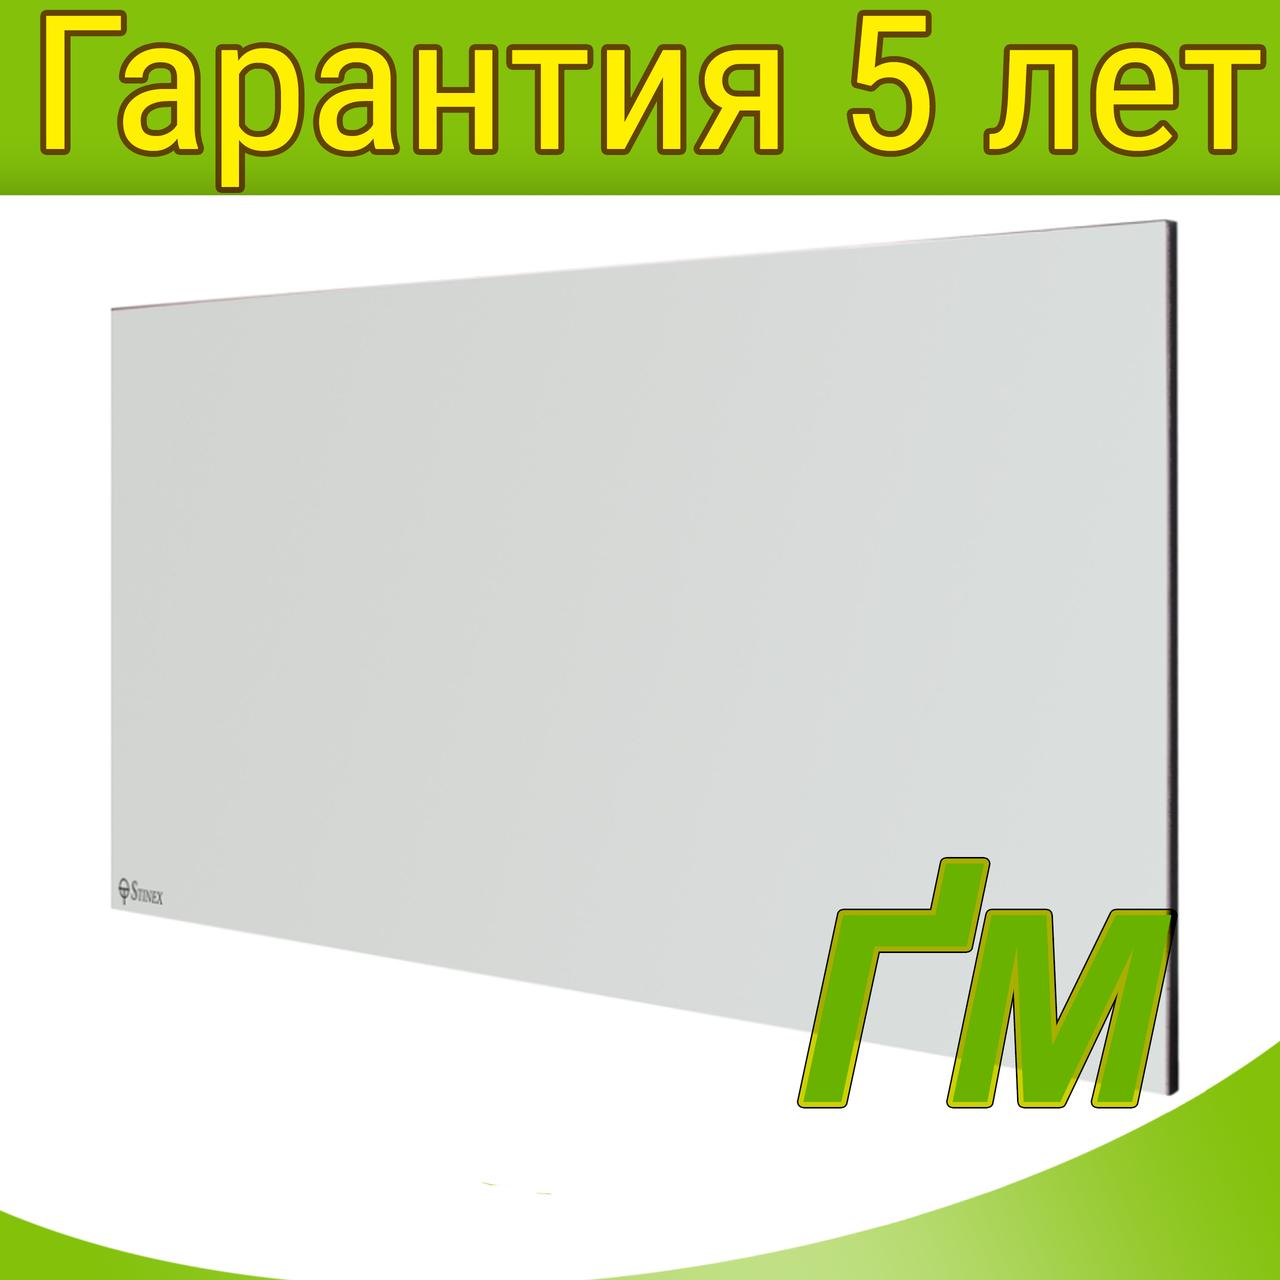 Электронагревательная панель Ceramic 500/220 Standart